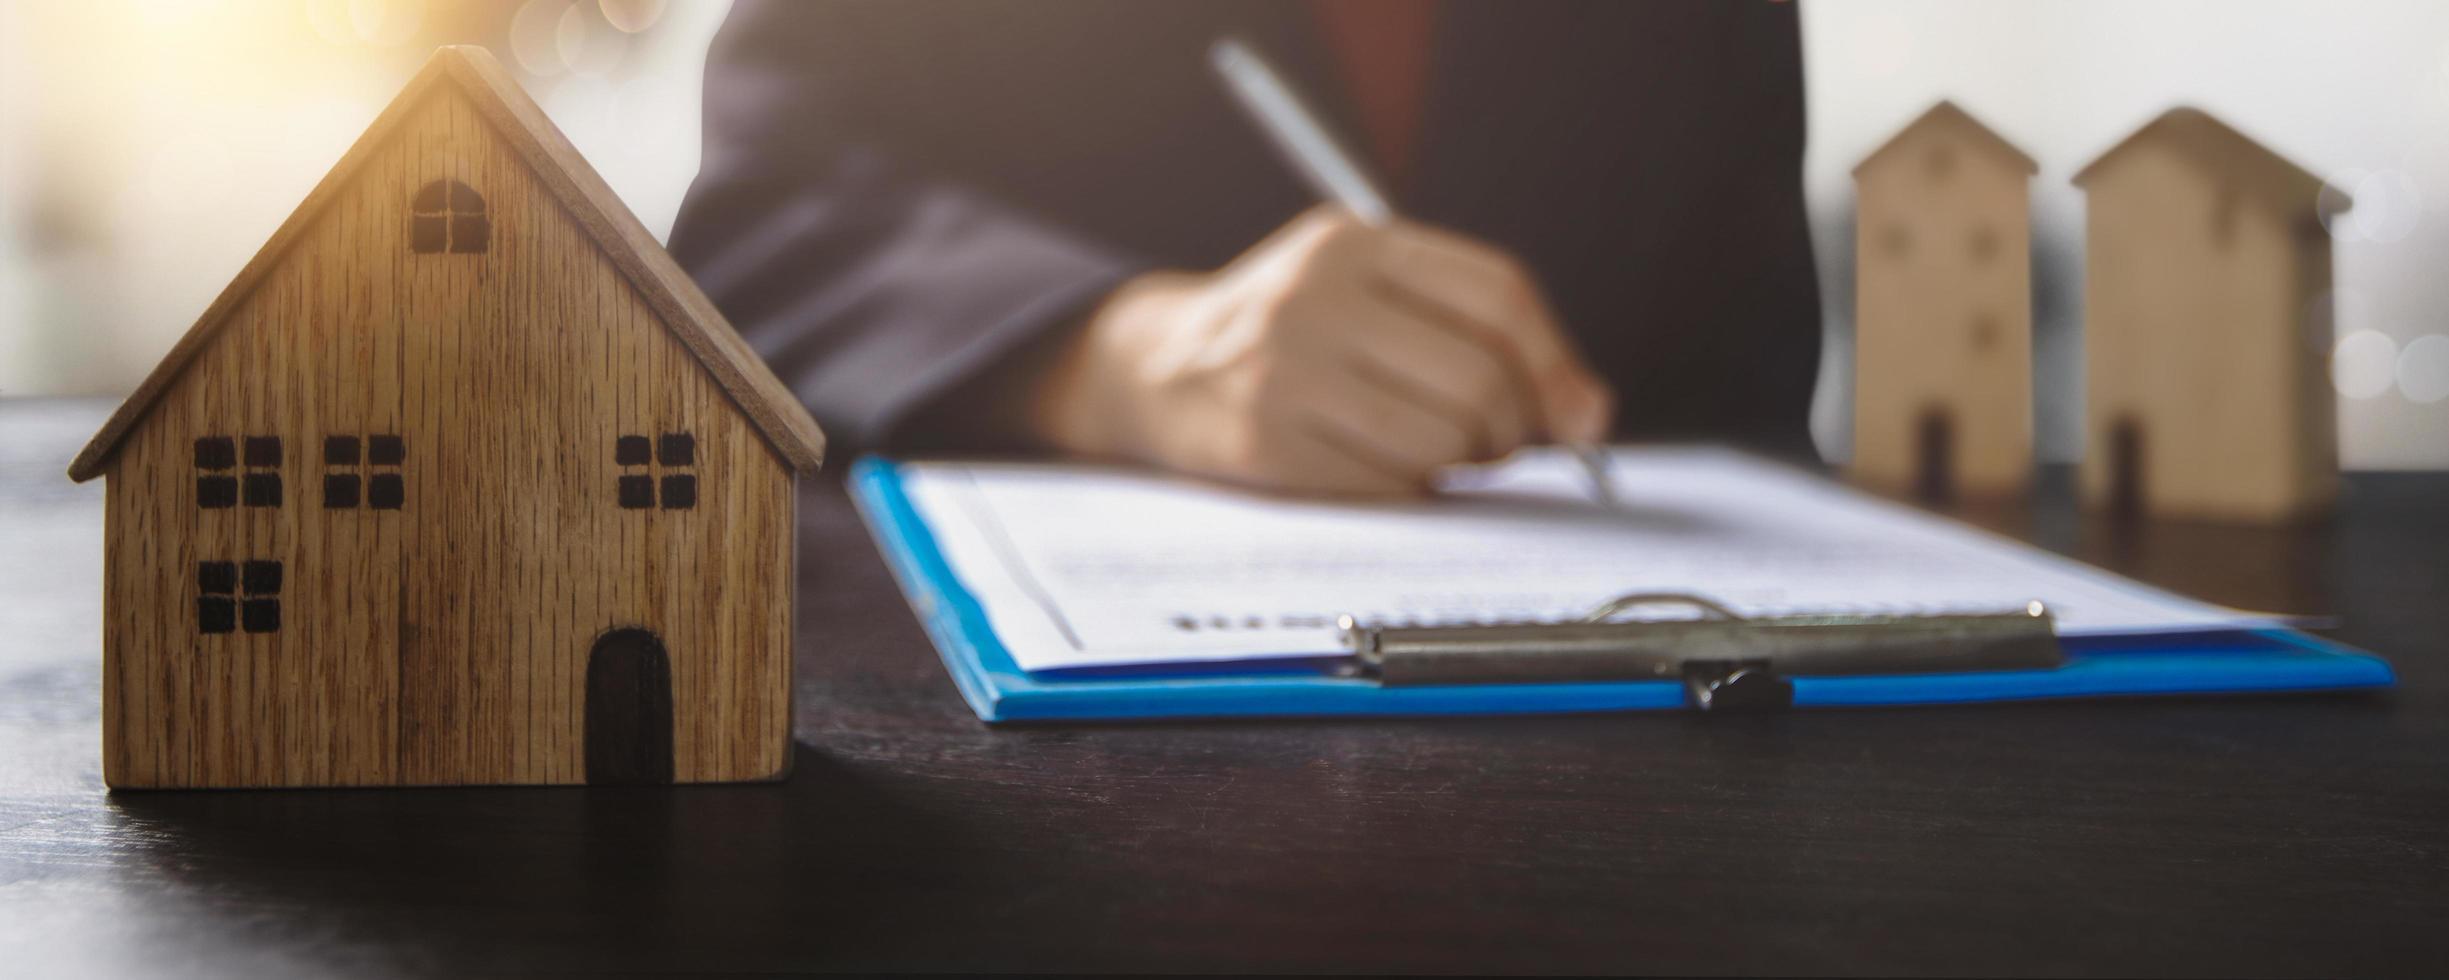 huiseigenaar ondertekening hypotheekovereenkomst foto